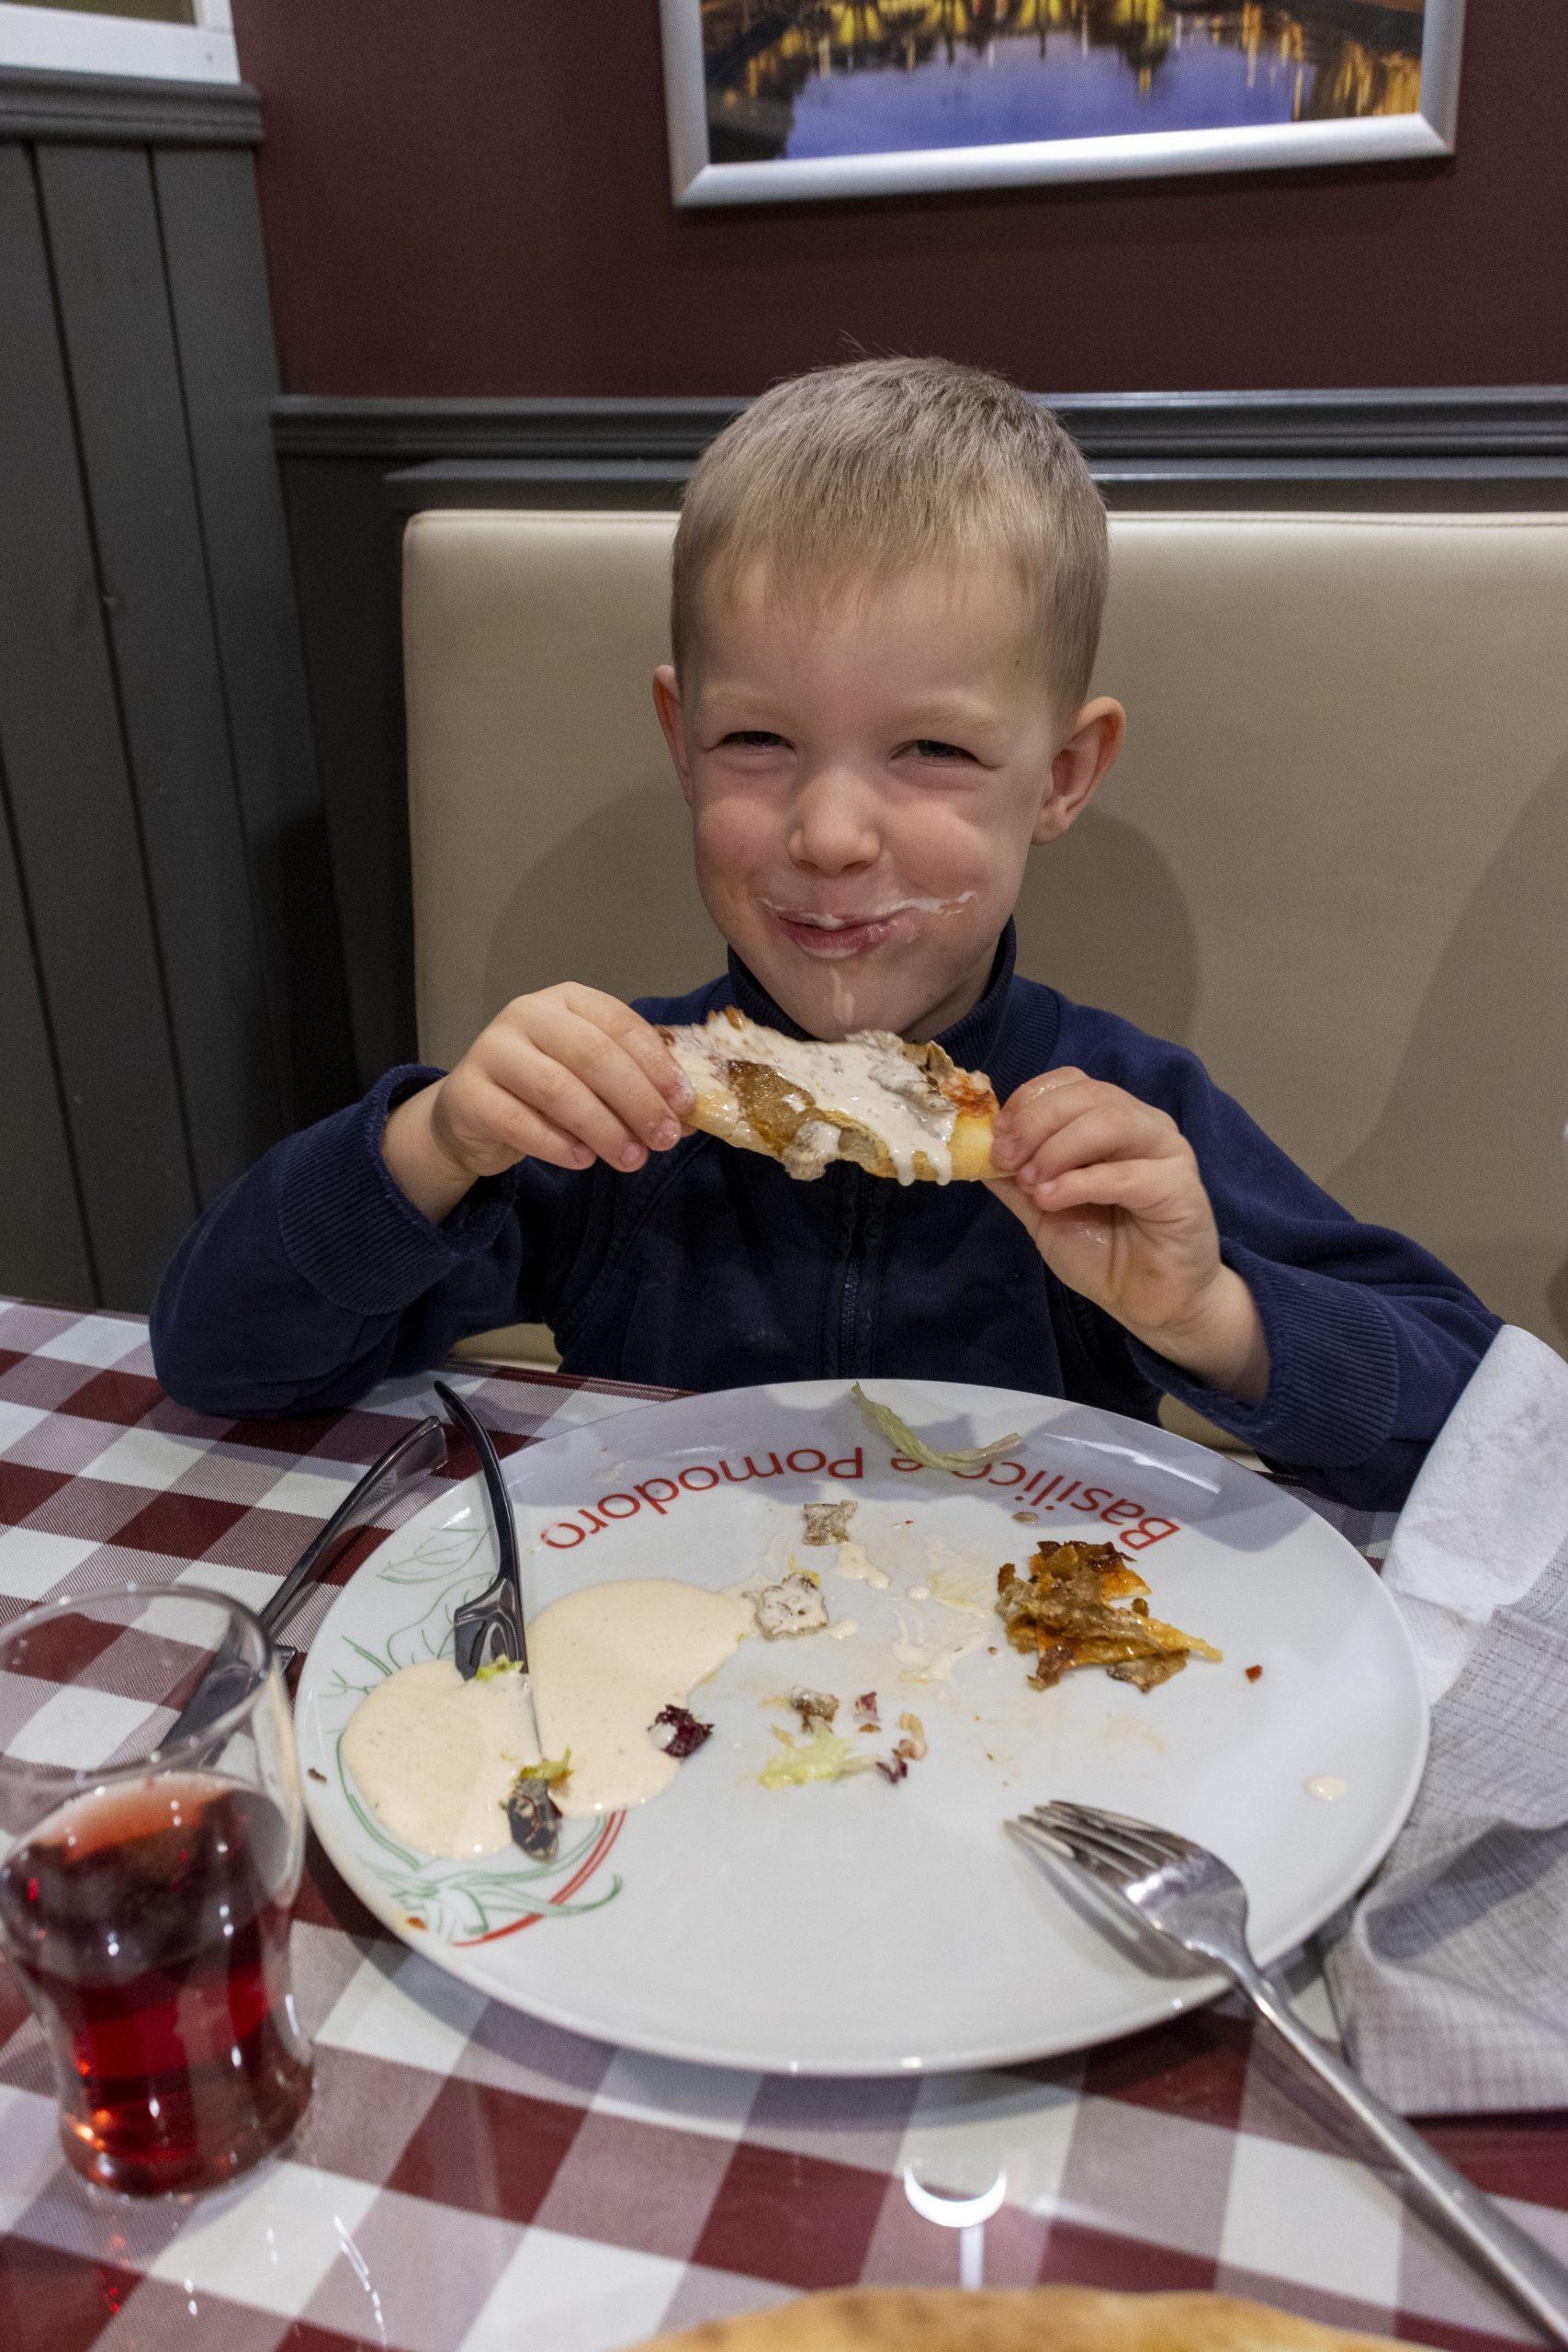 En glad pojke äter pizza med ett stort leende (och sås på ansiktet)